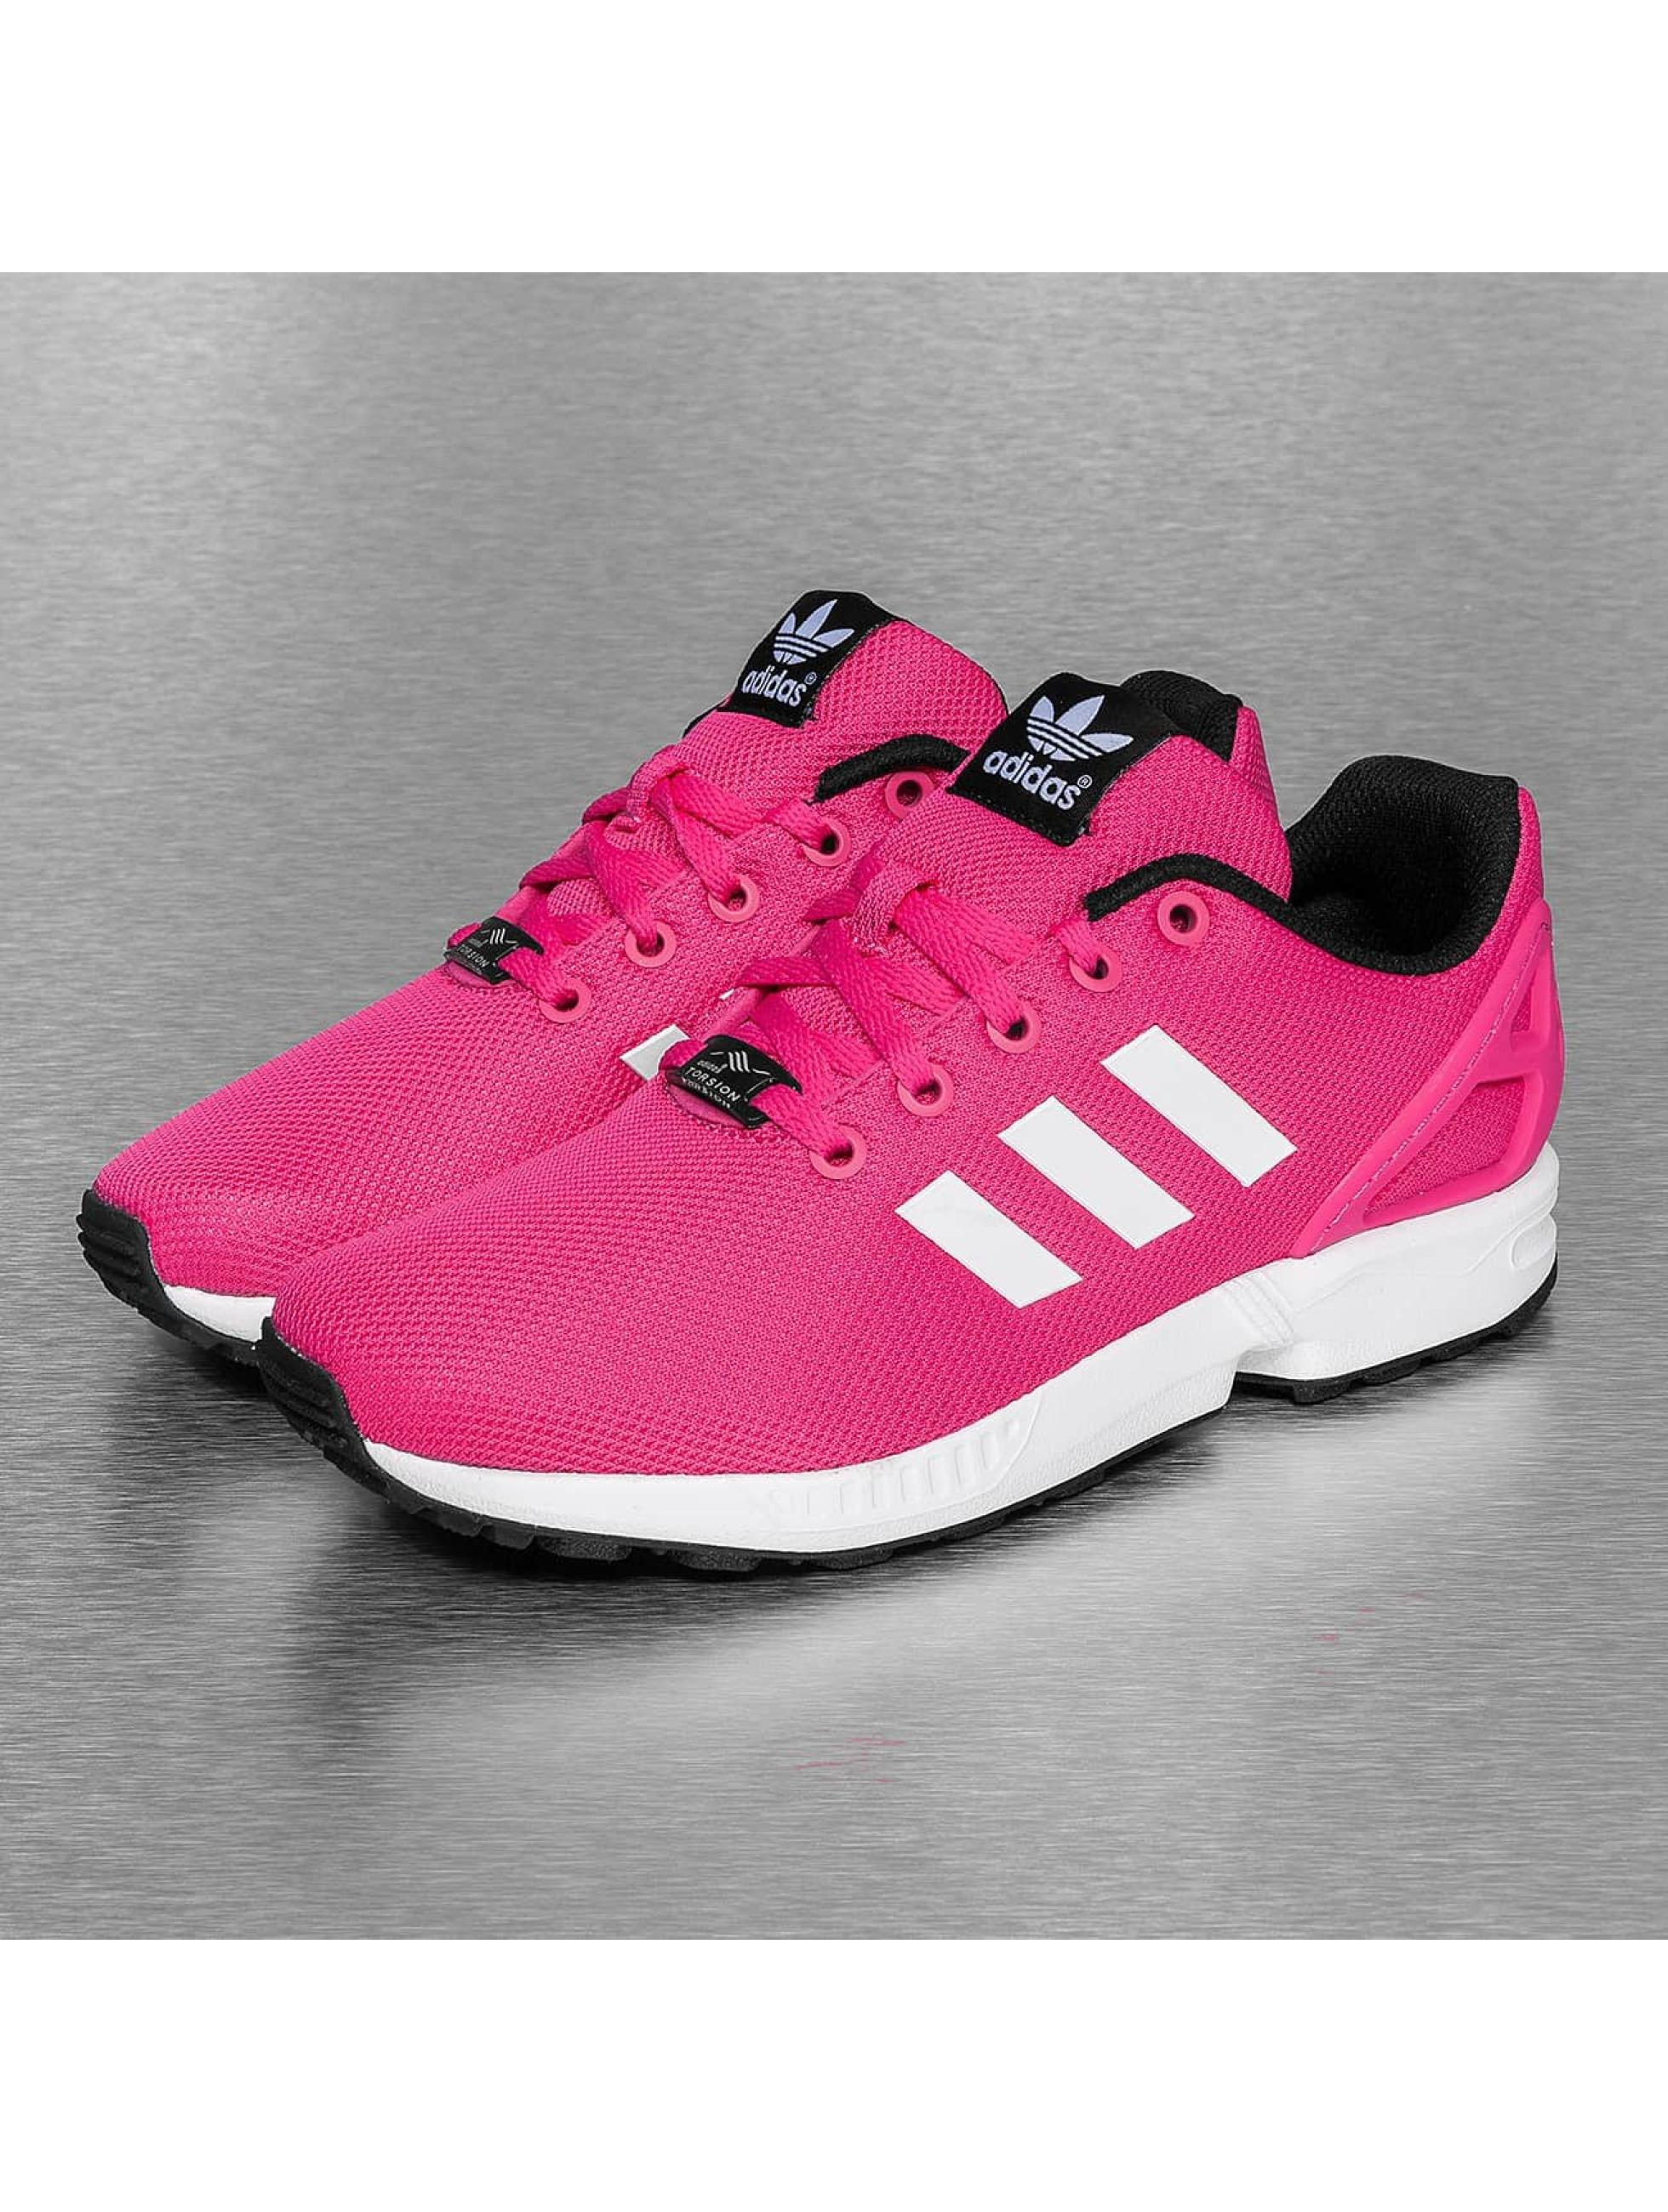 adidas damenschuhe pink